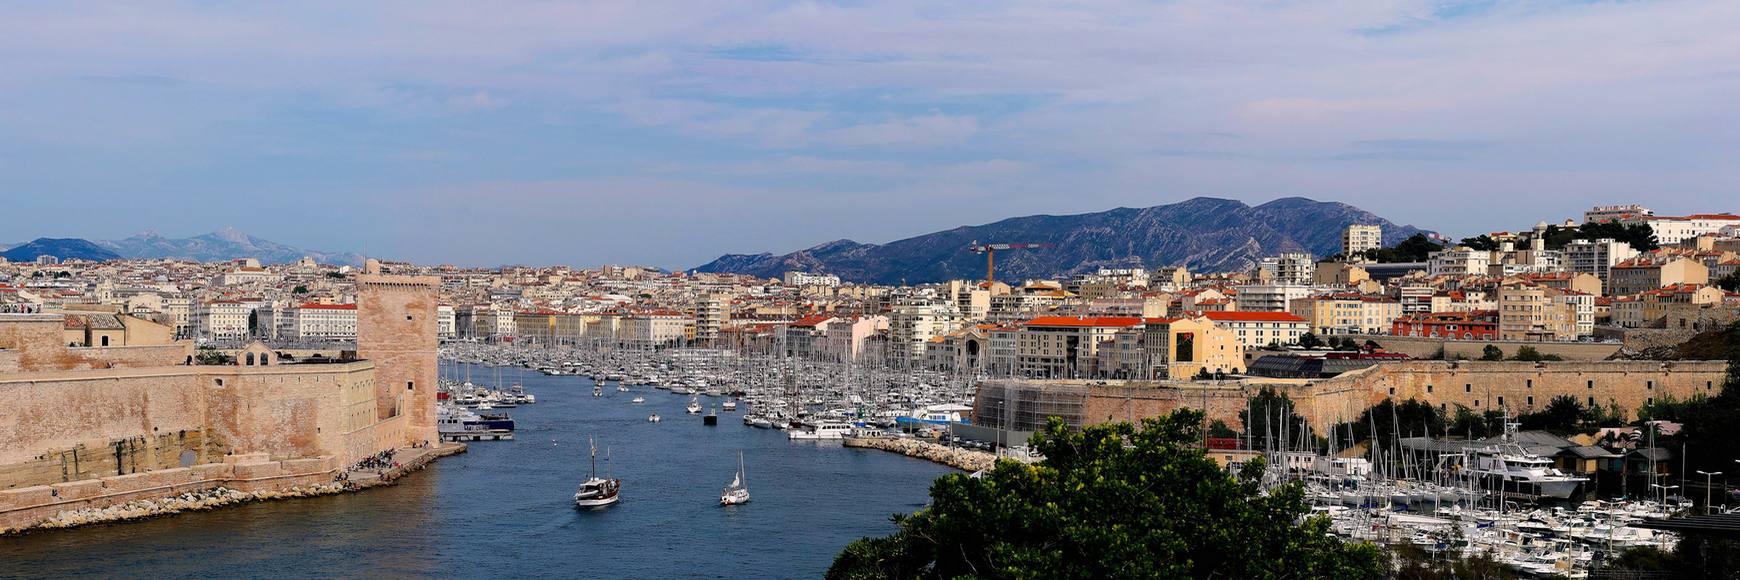 Location bateau moteur France Méditerranée